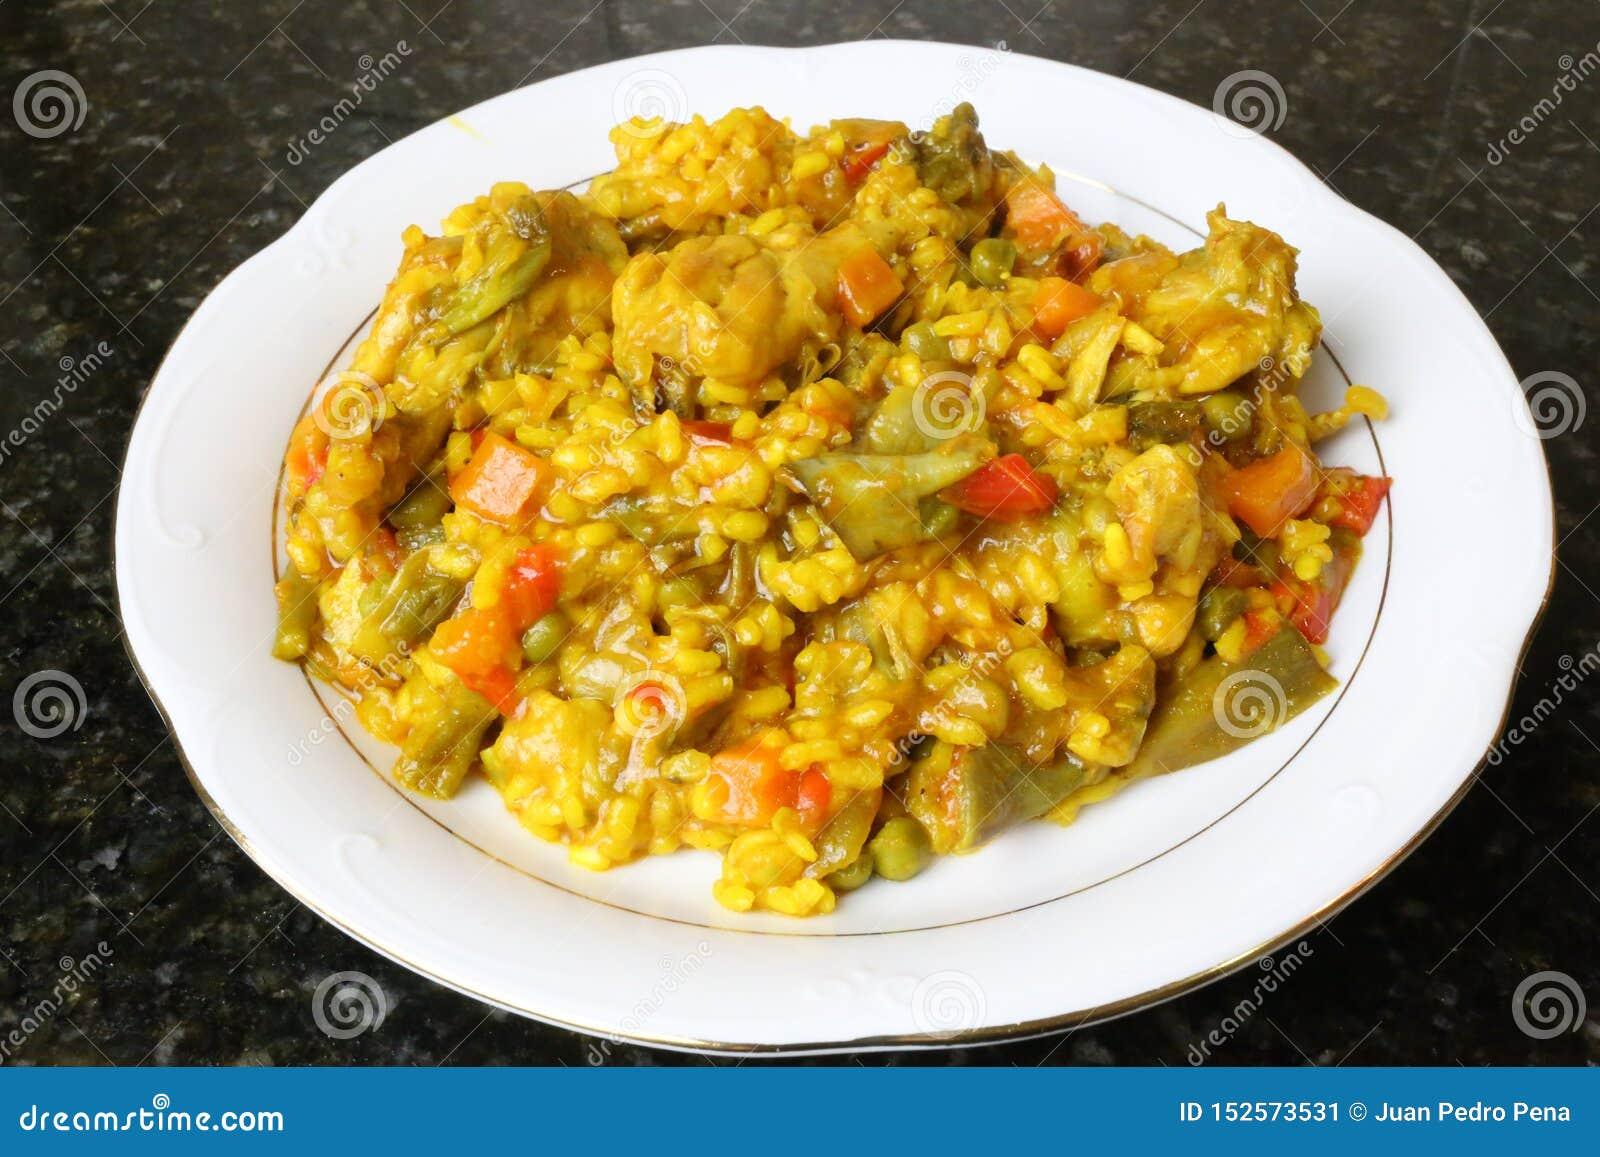 Paella ryż z kurczakiem i warzywami